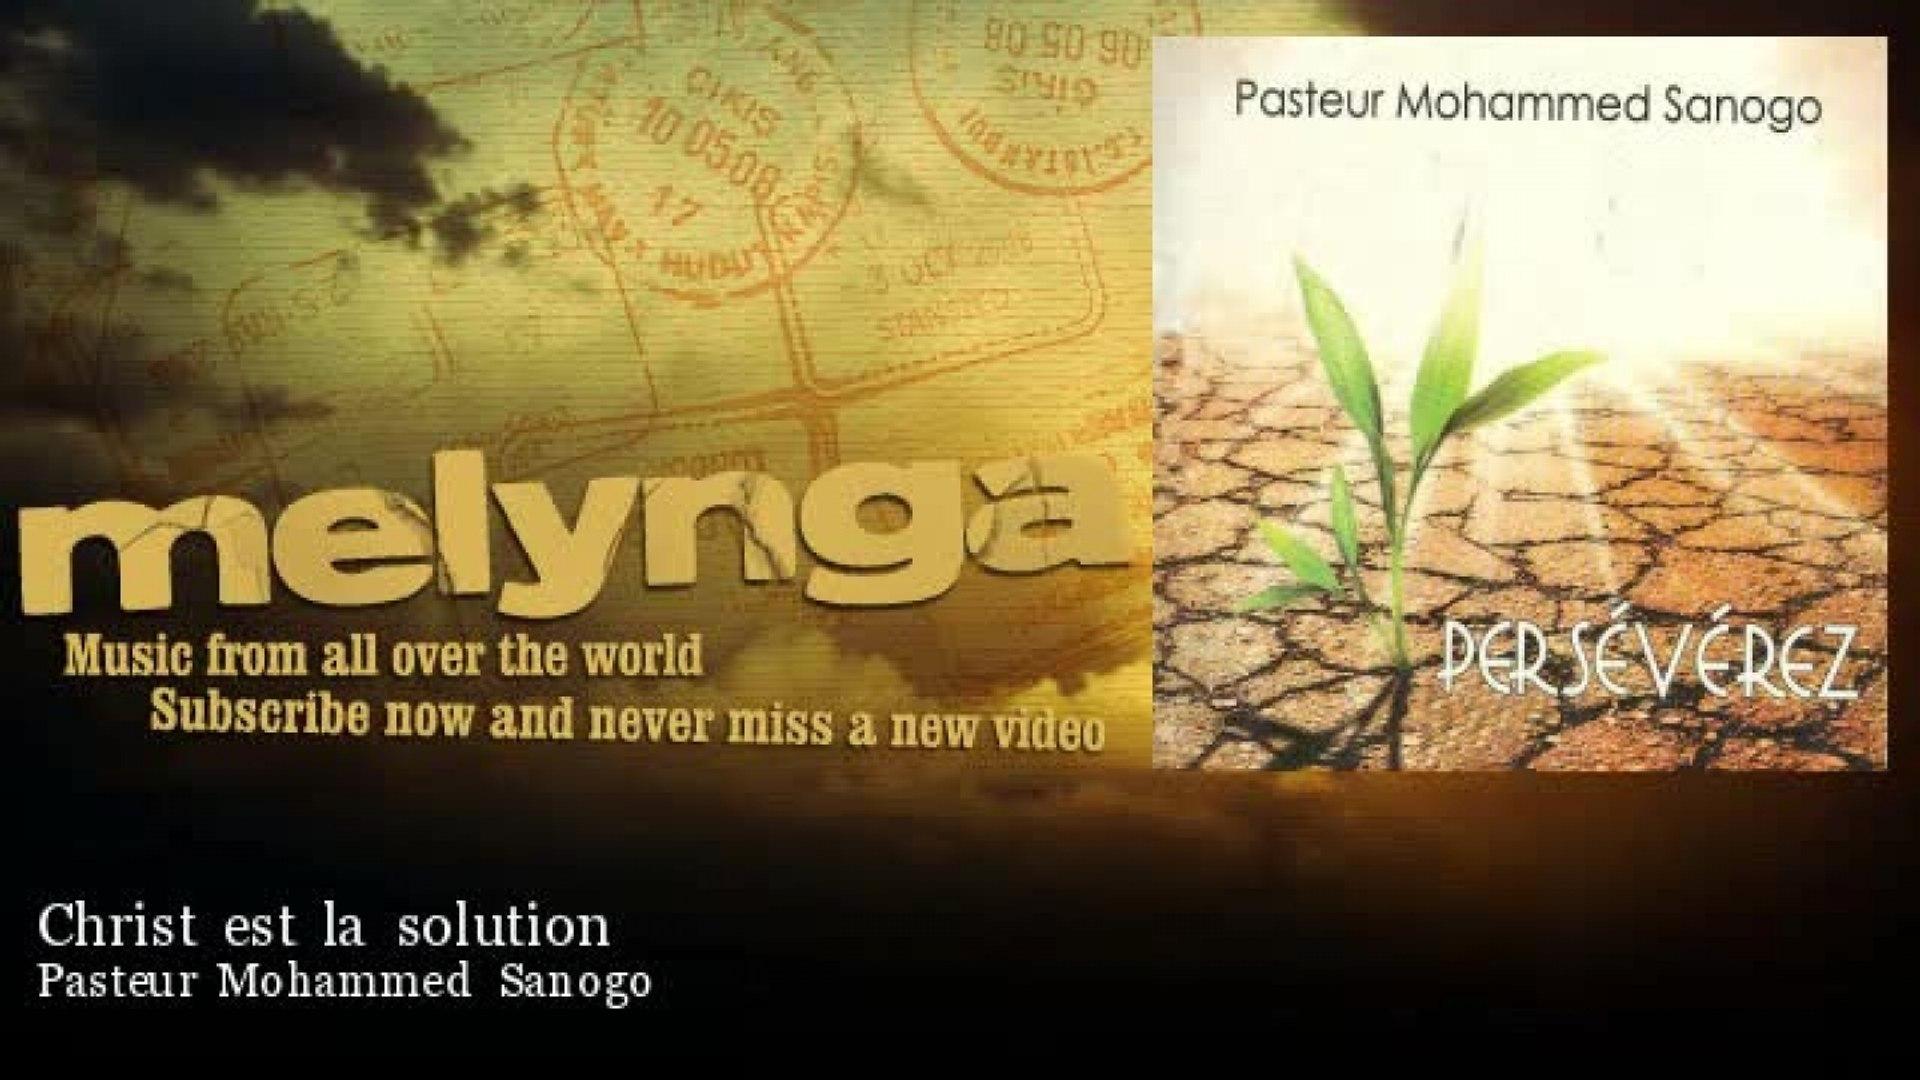 Pasteur Mohammed Sanogo - Christ est la solution